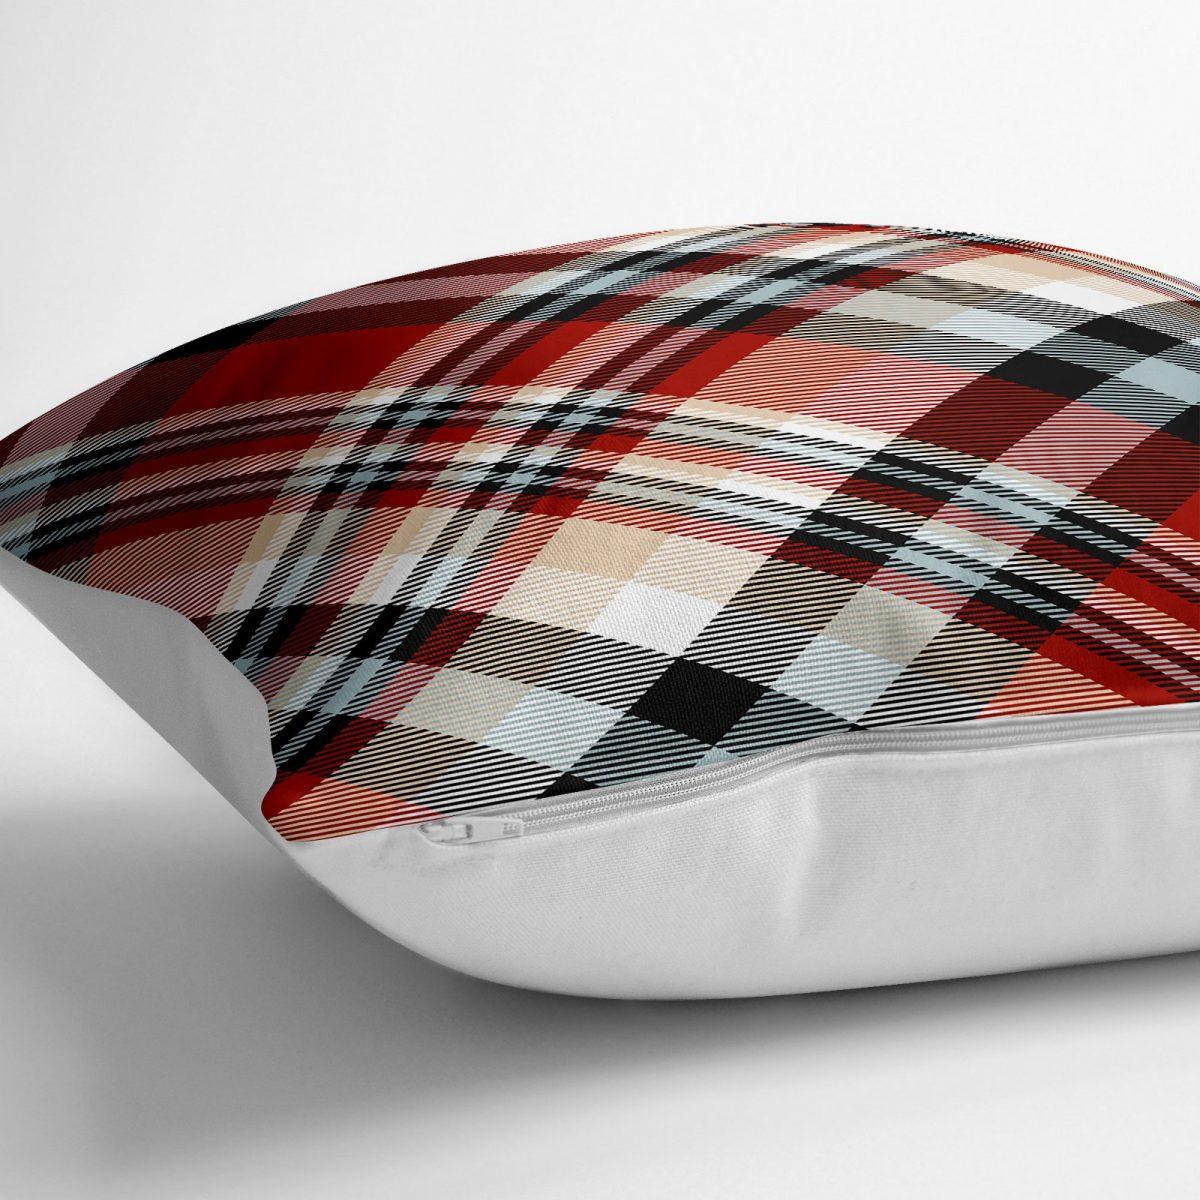 Kırmızı Siyah Beyaz Ekose Desenli Dekoratif Yer Minderi - 70 x 70 cm Realhomes